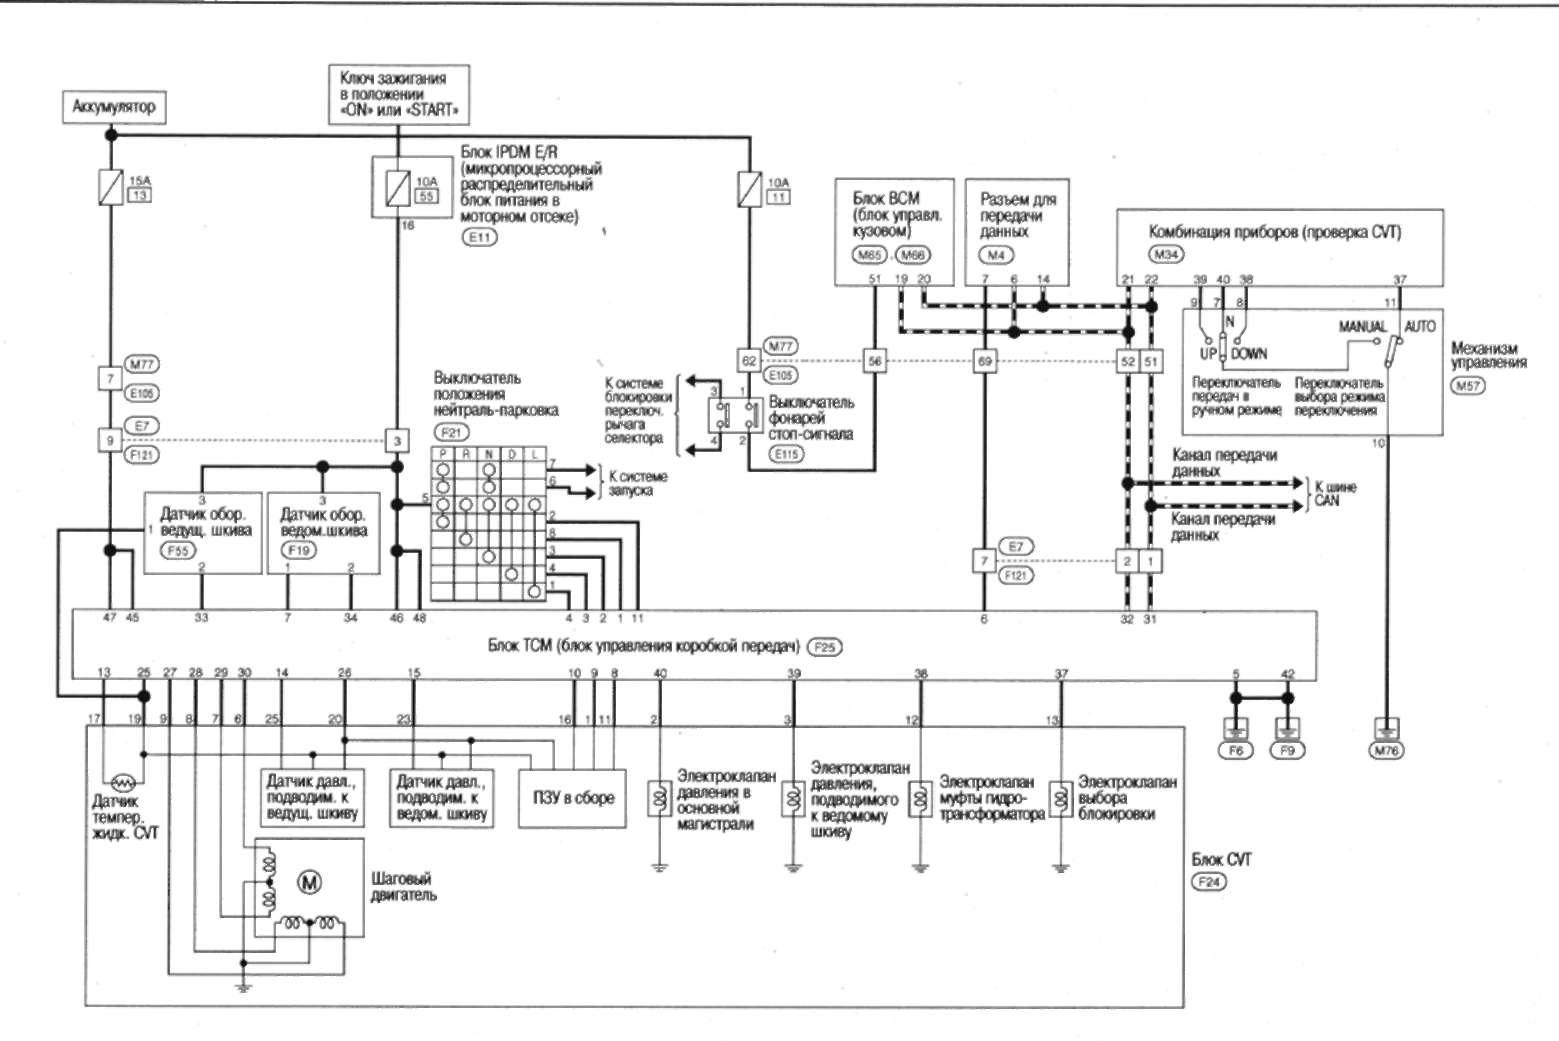 8.3 Схема электрических соединений - система управления CVT